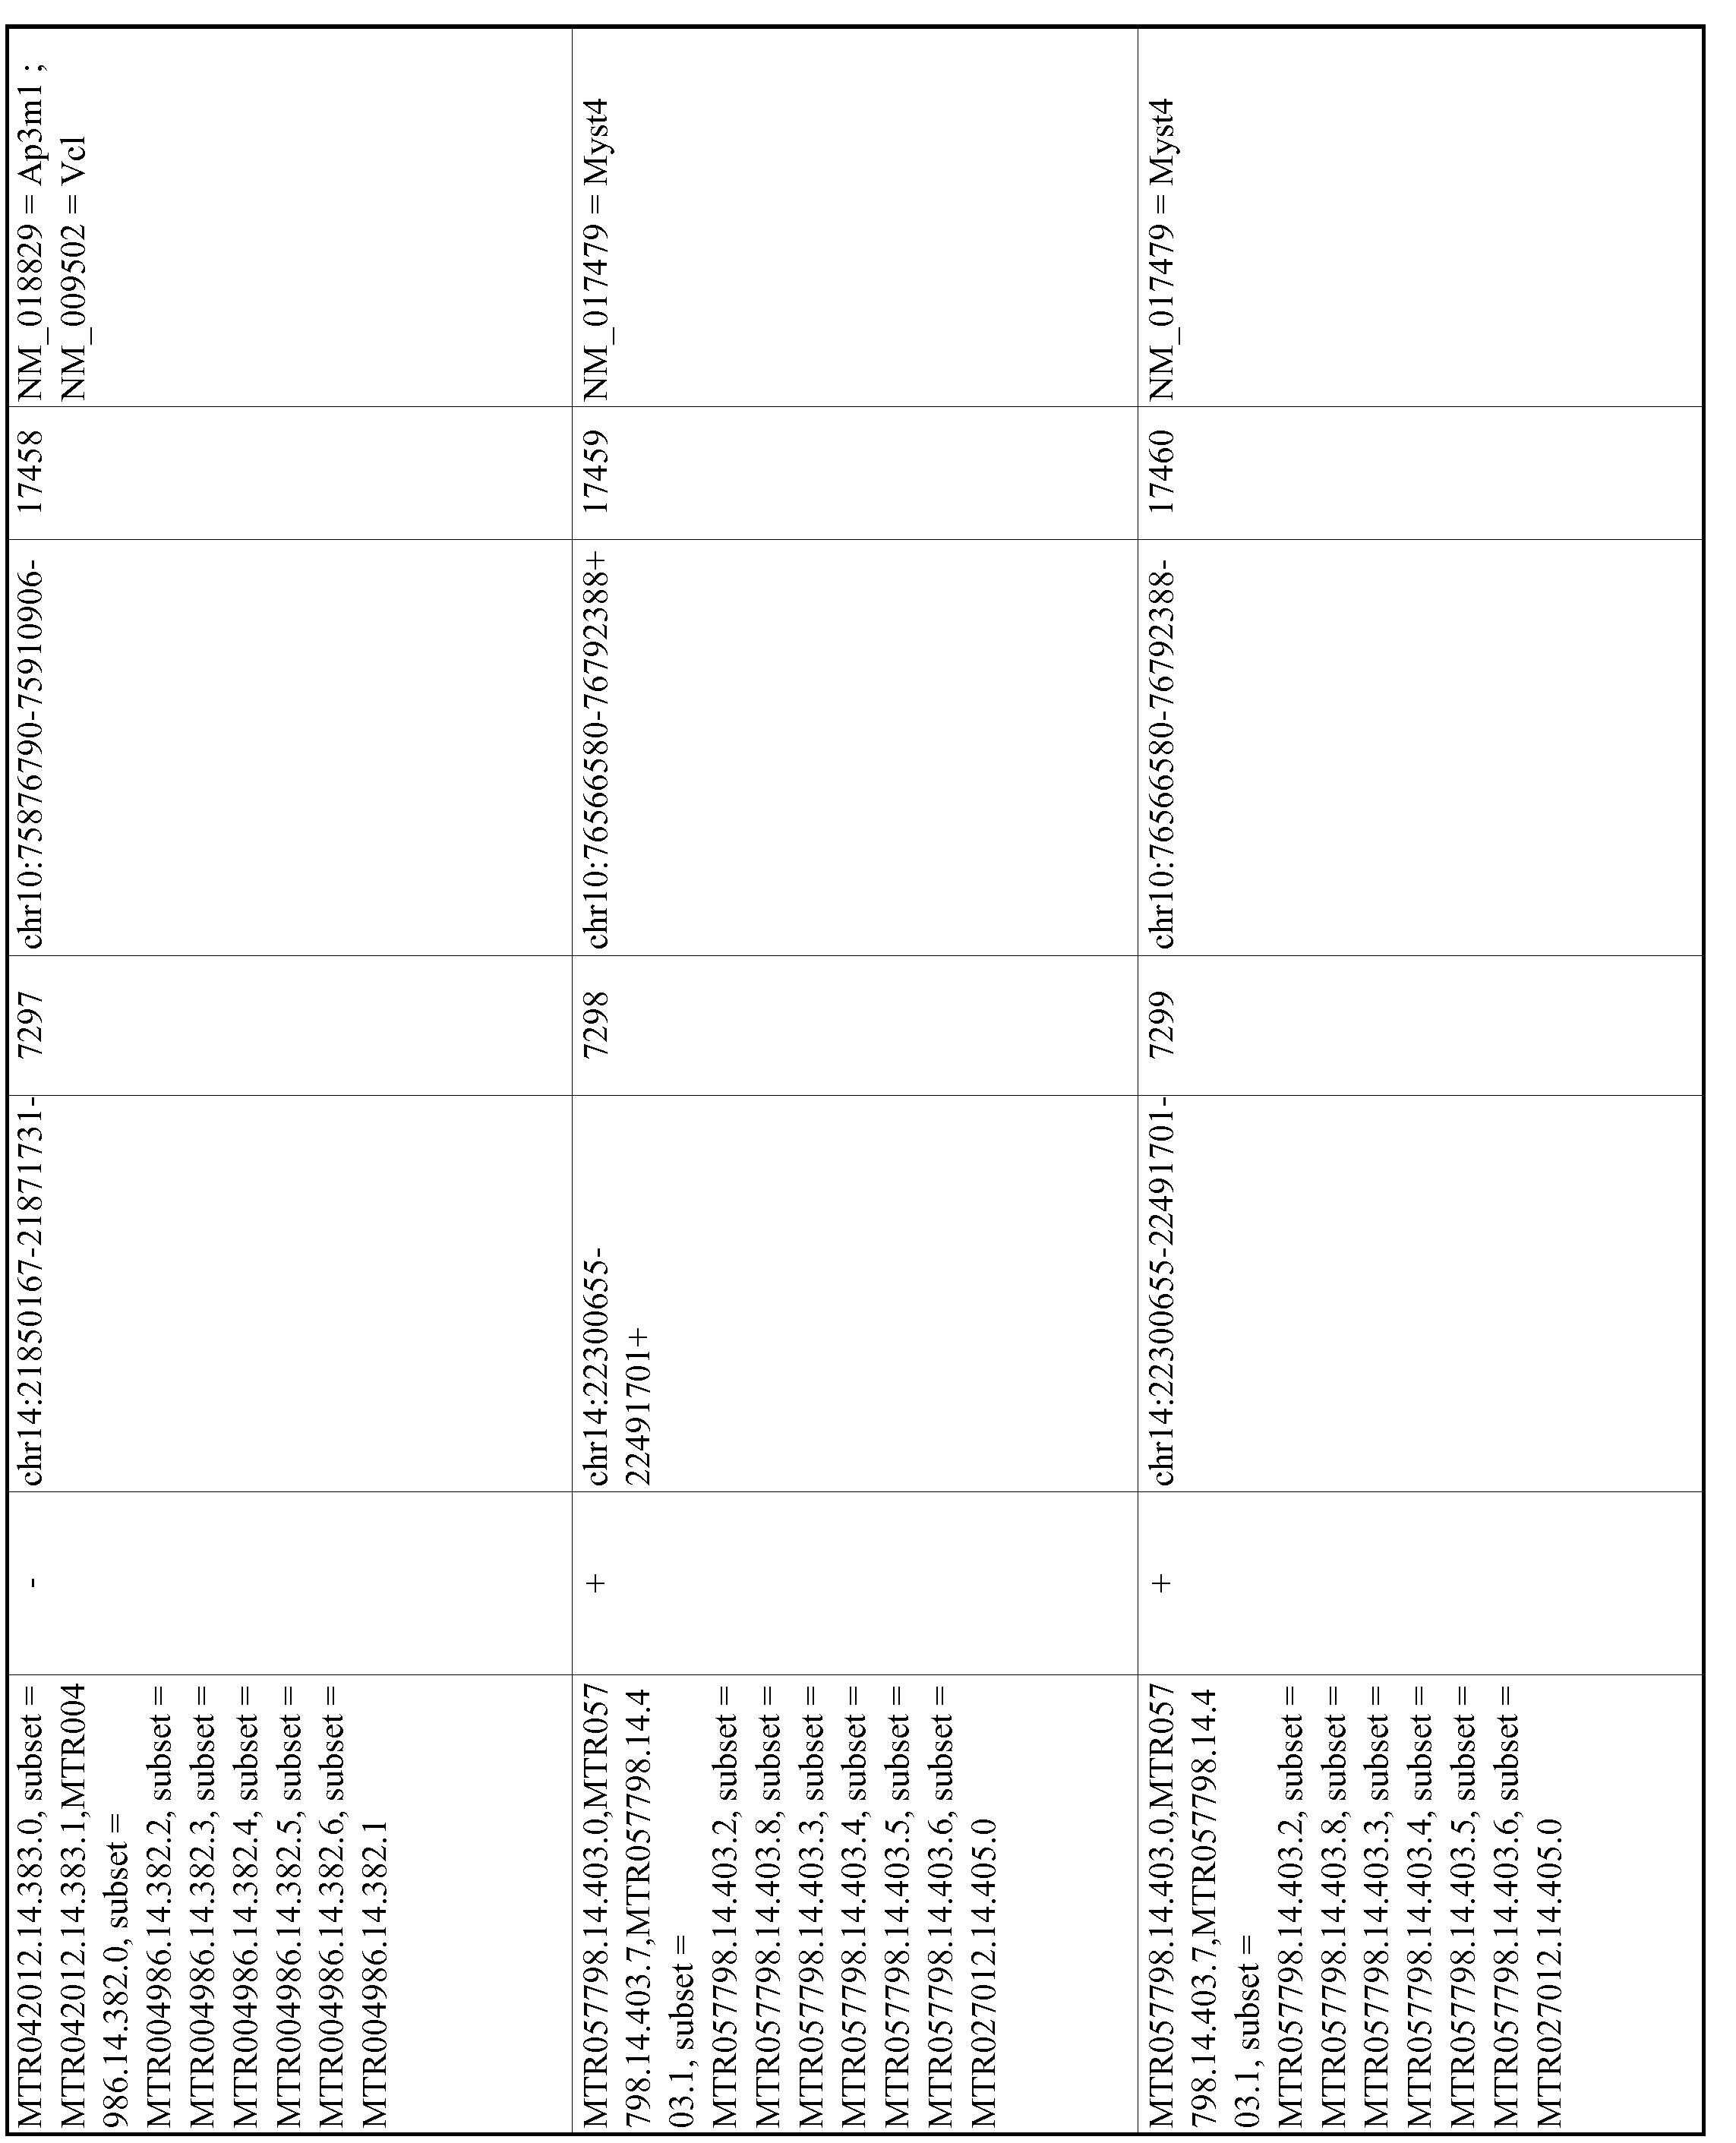 Figure imgf001276_0001